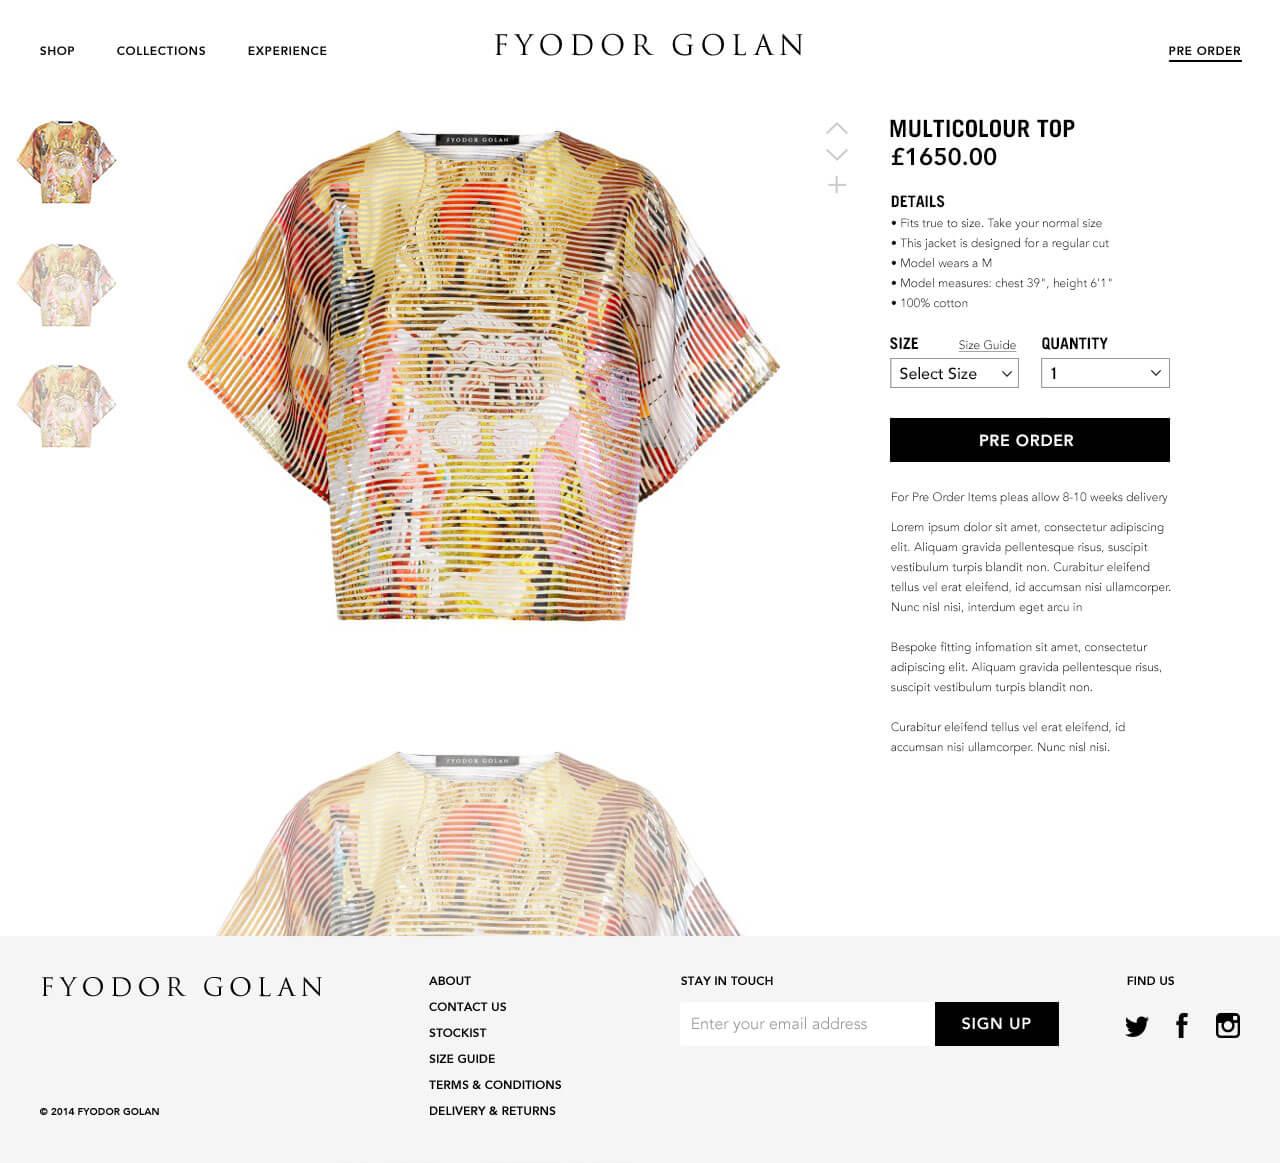 10_fyodorgolan_productpage_preorder